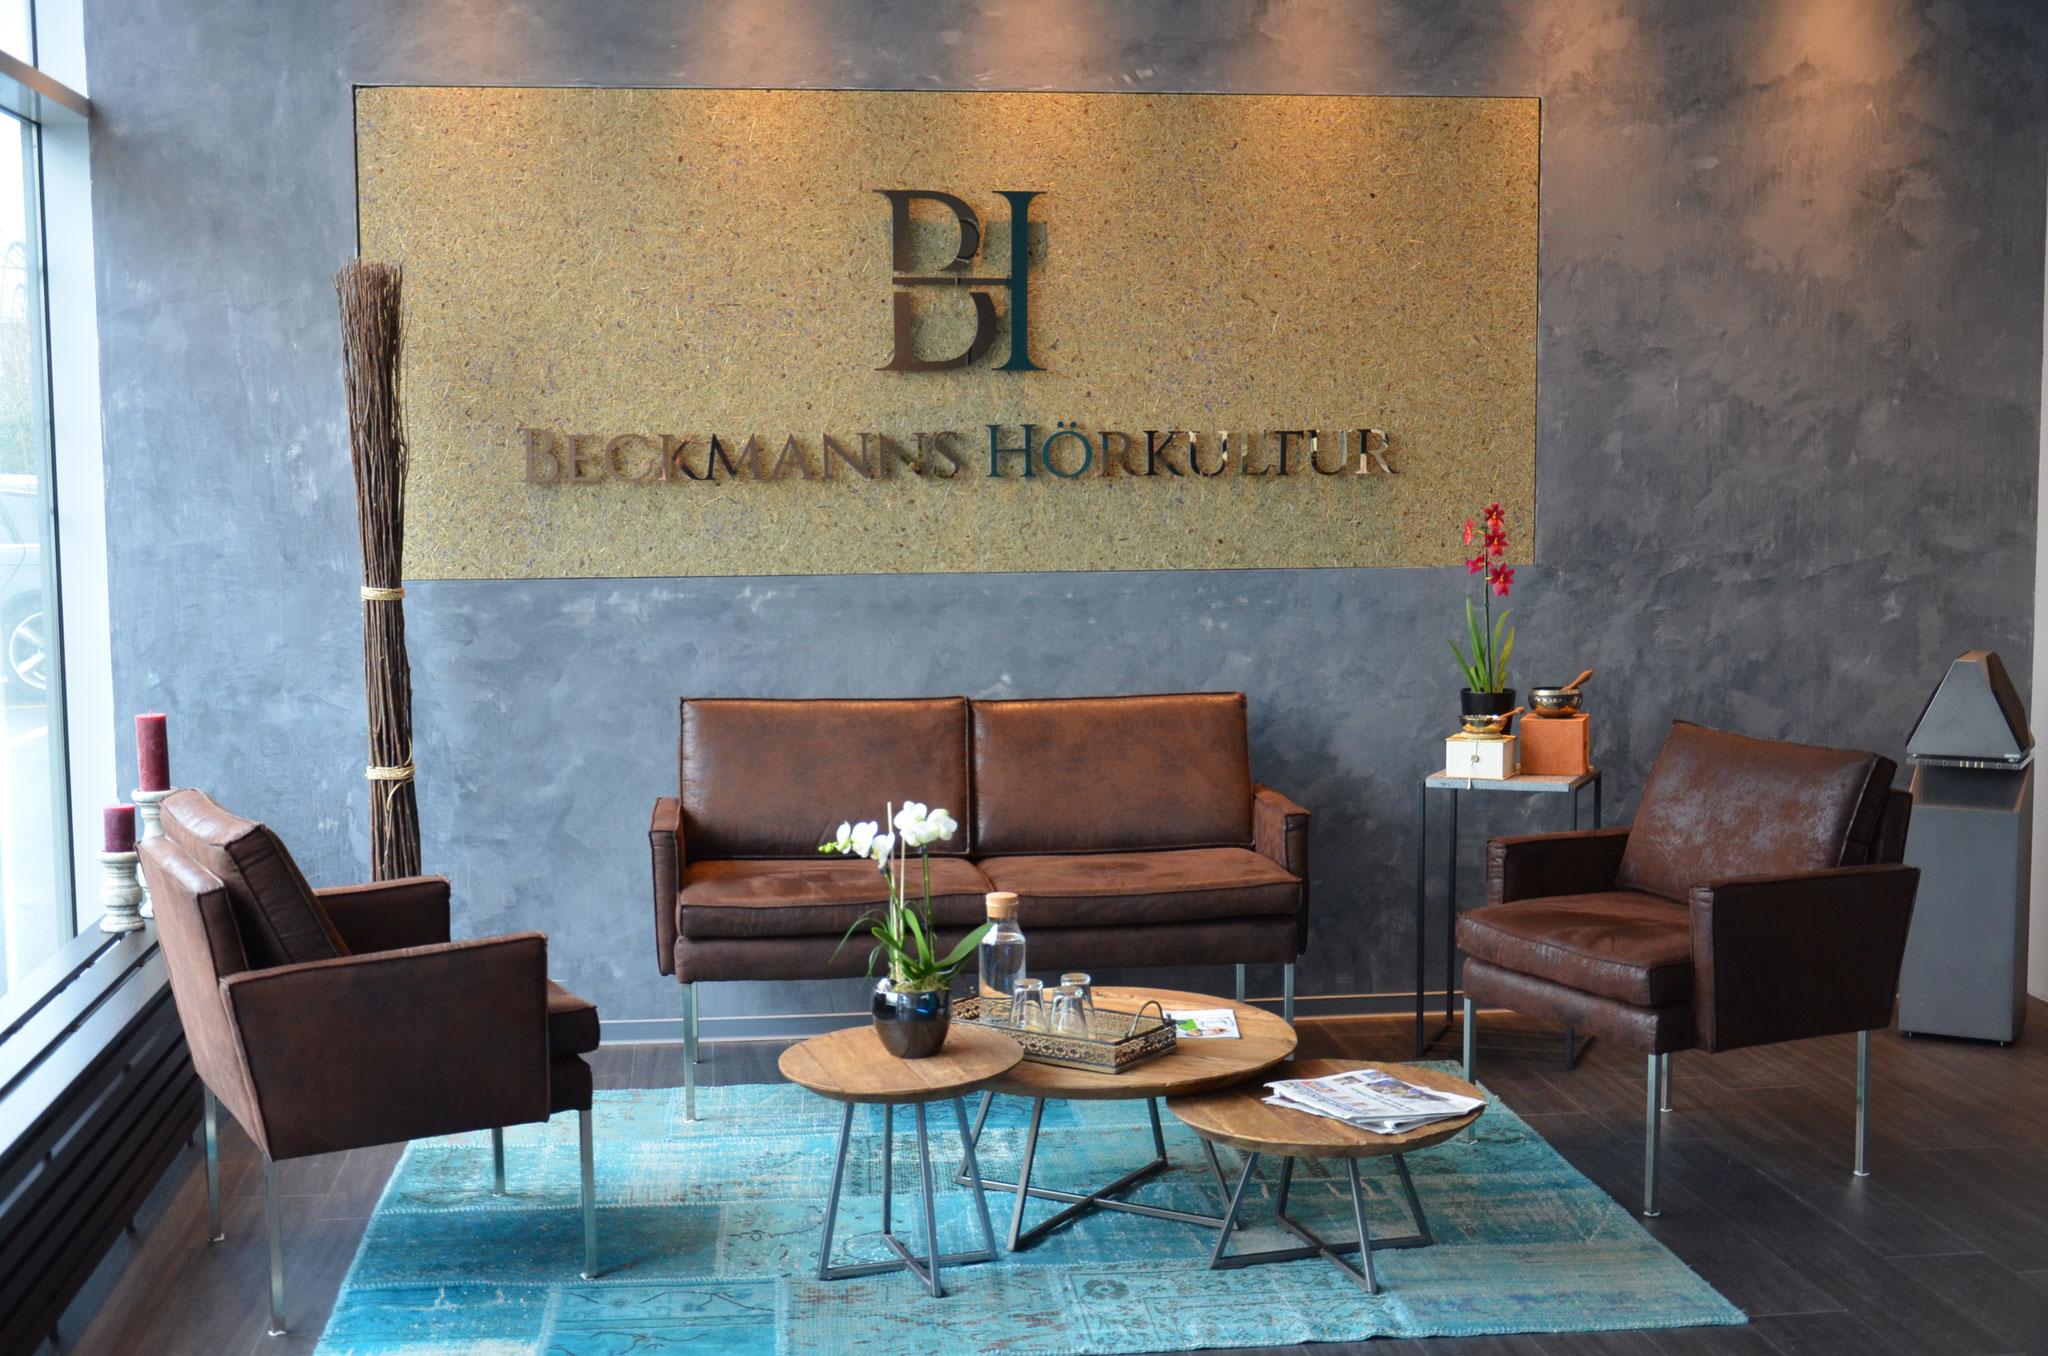 Wartebereich Beckmanns Hörkultur